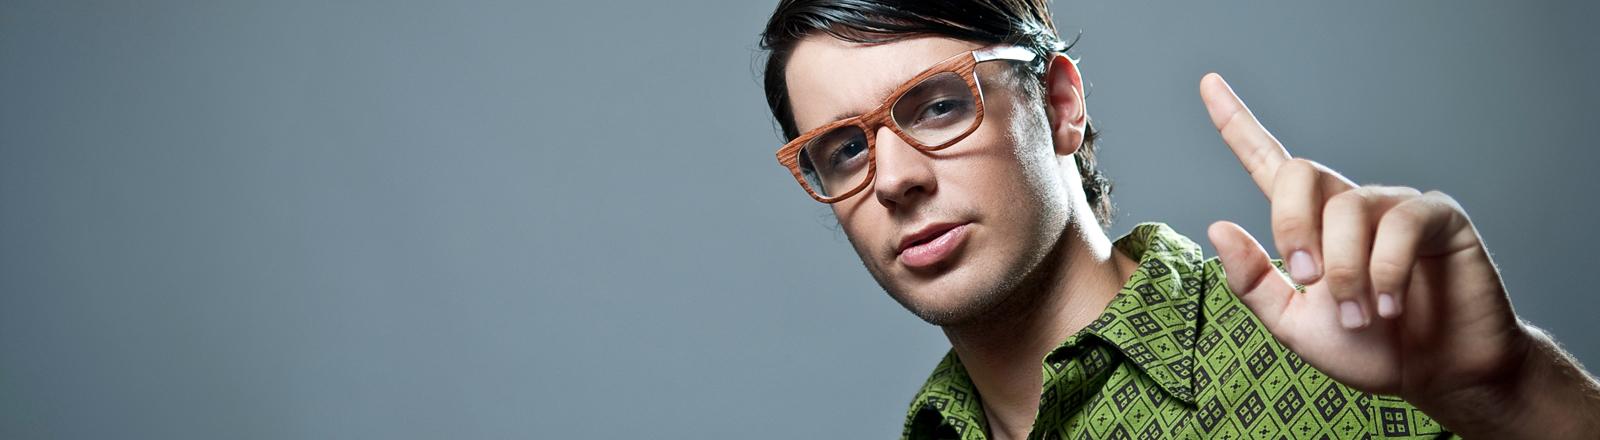 Ein Mann mit Brille hebt mahnend den Finger in die Höhe. Kurz gesagt: Ein Besserwisser, Schlaumeier, Klugscheißer.